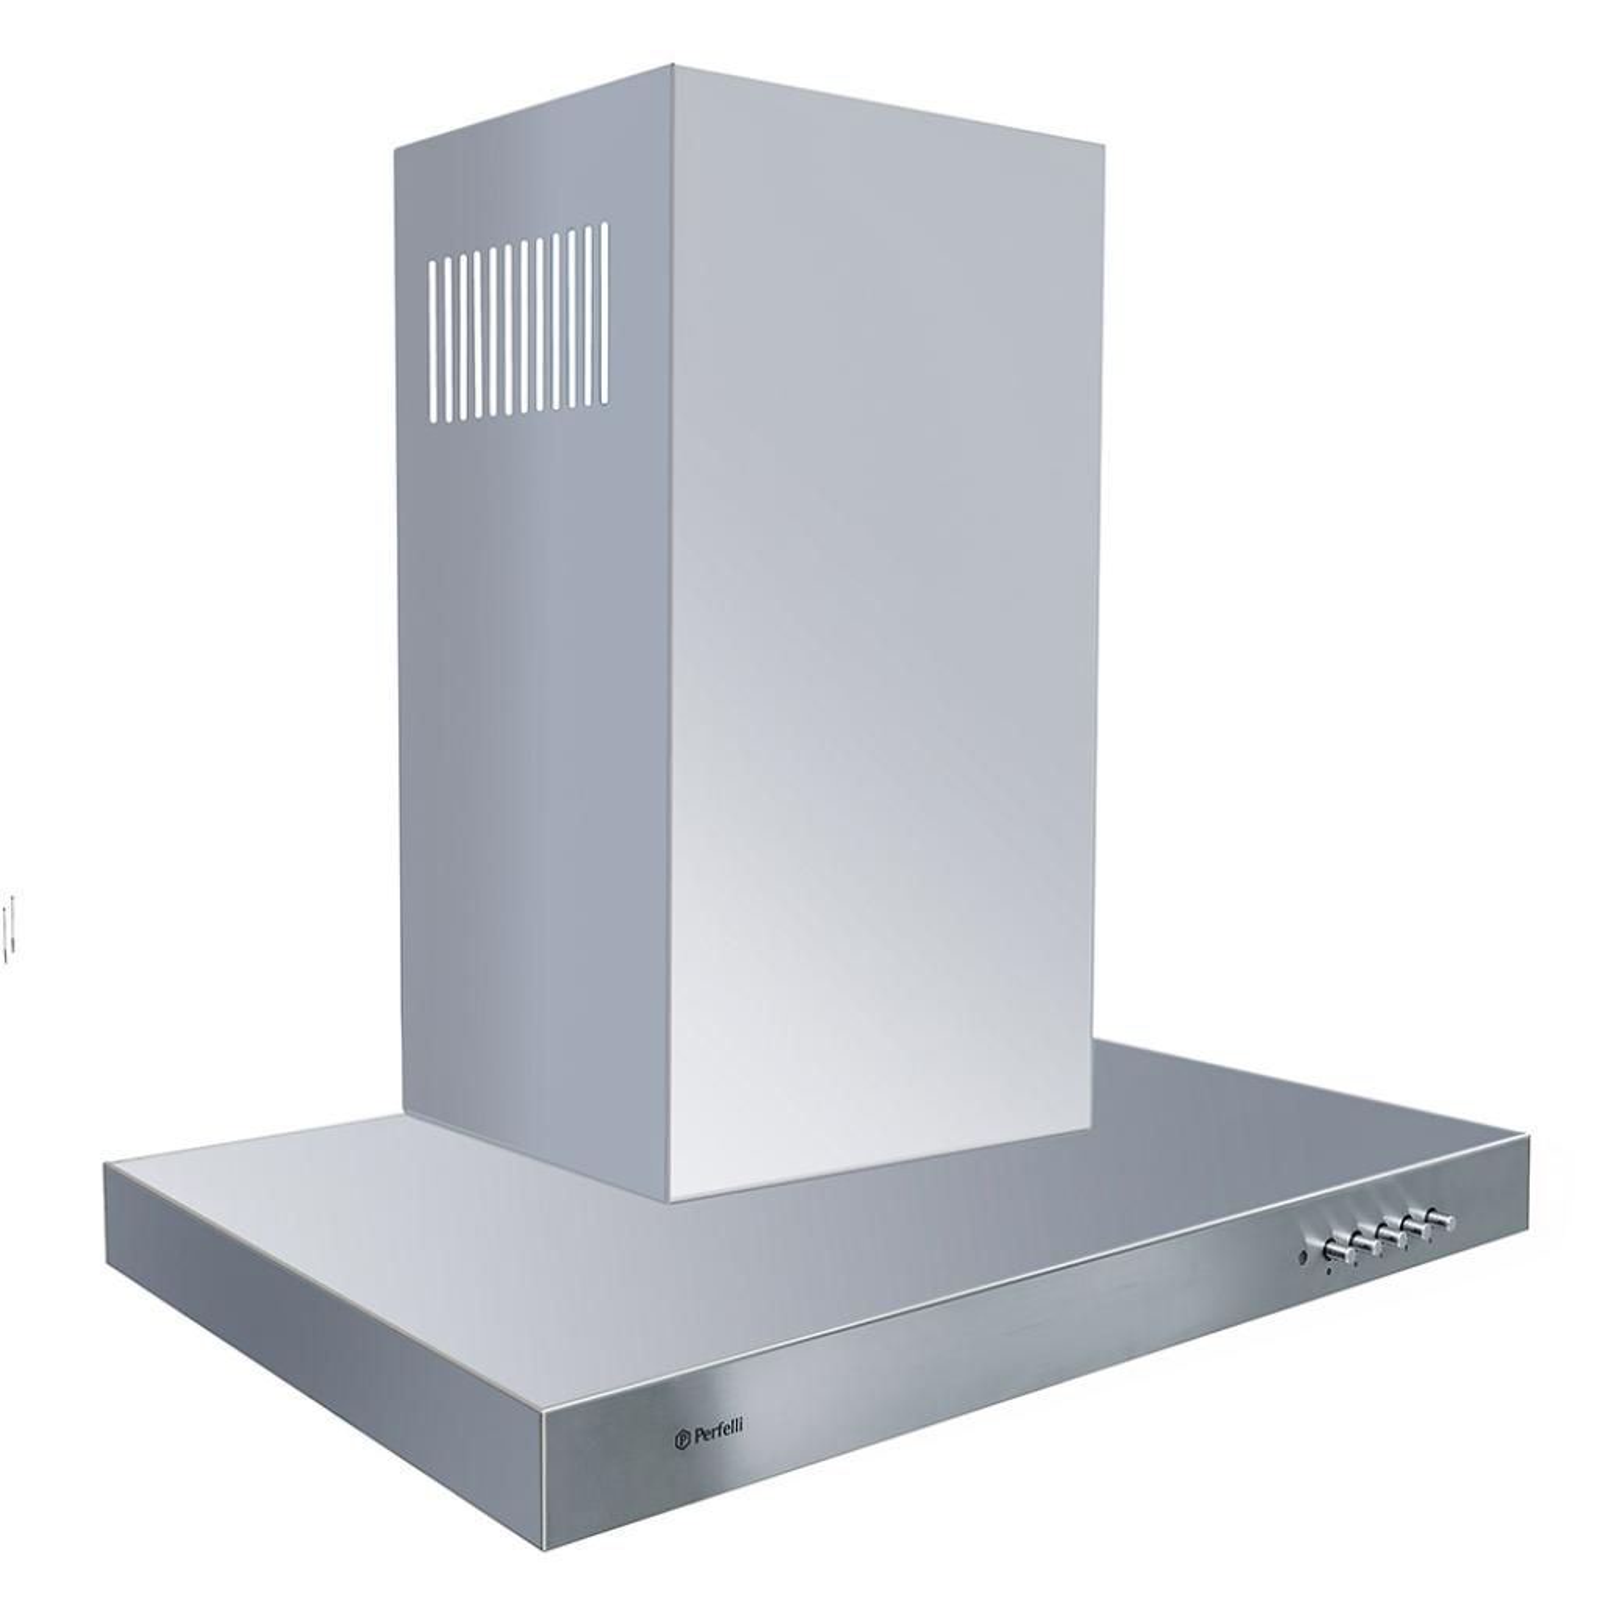 Вытяжка кухонная Perfelli T 6101 I изображение 3